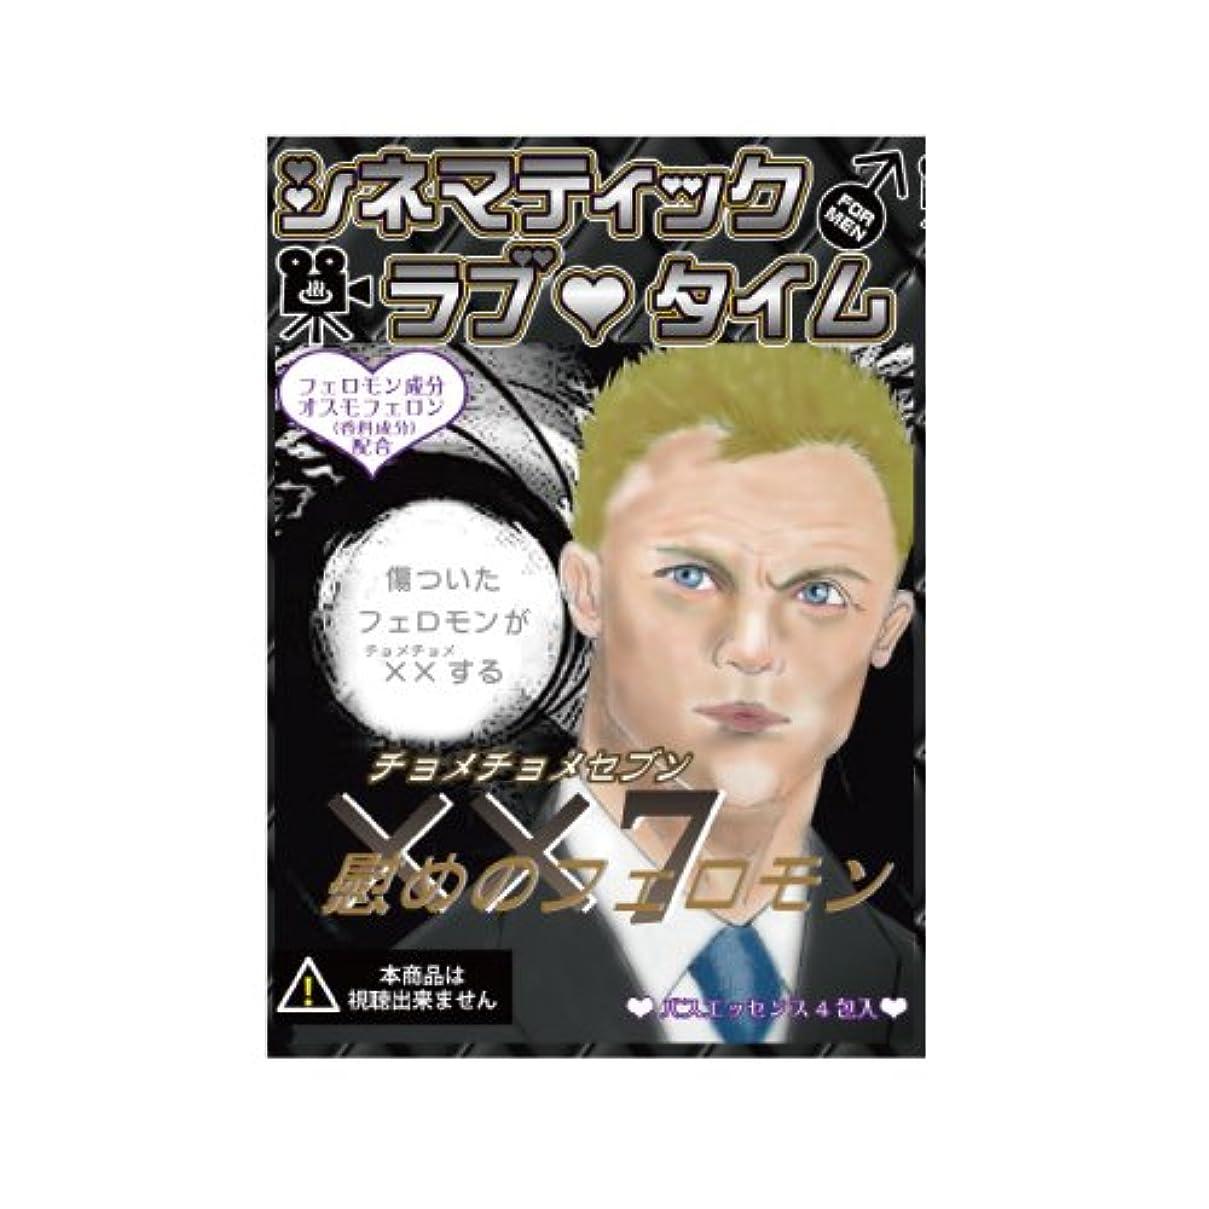 シネマティック ラブタイム 入浴剤 0069